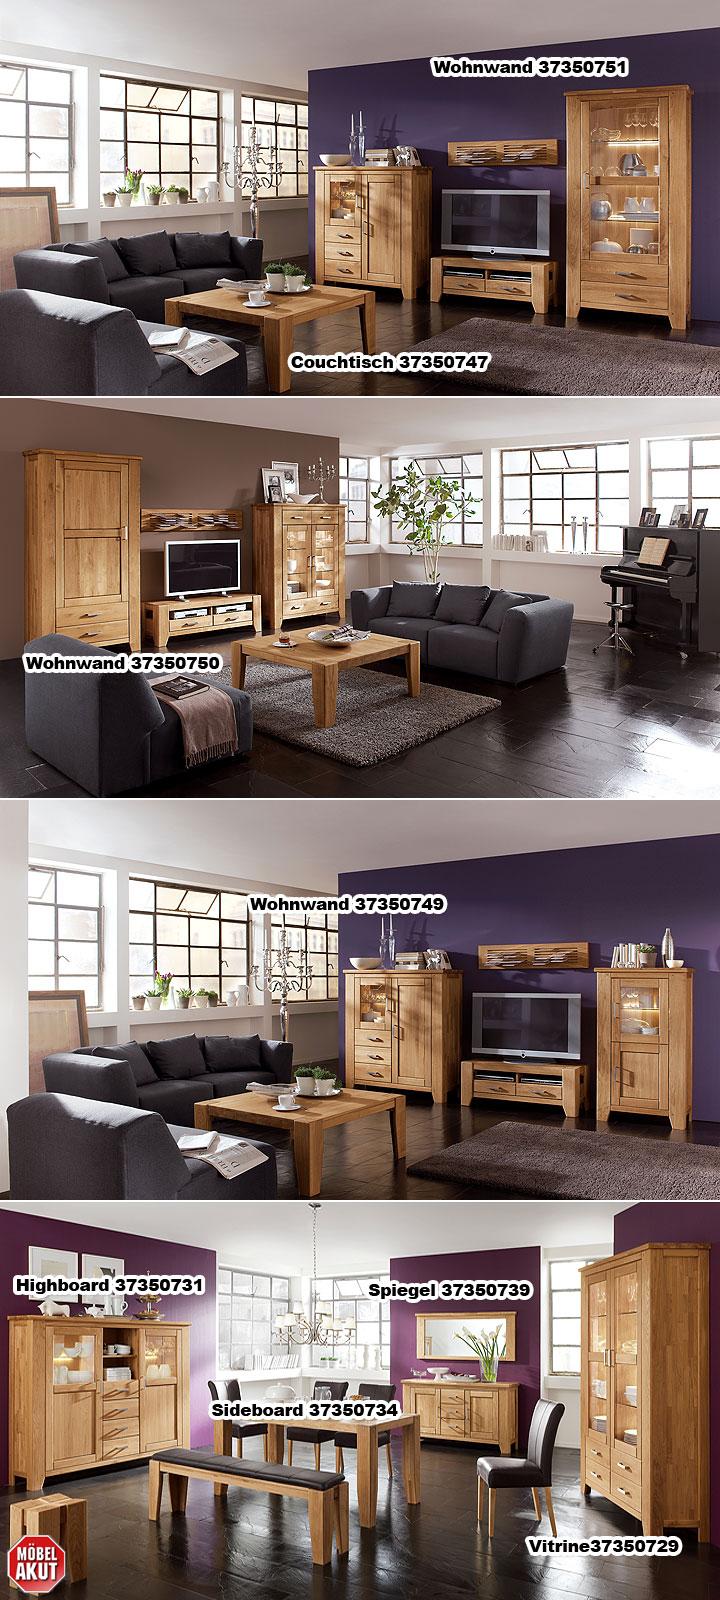 welches image hat die firma atv medien service gmbh bewertungen nachrichten such trends. Black Bedroom Furniture Sets. Home Design Ideas